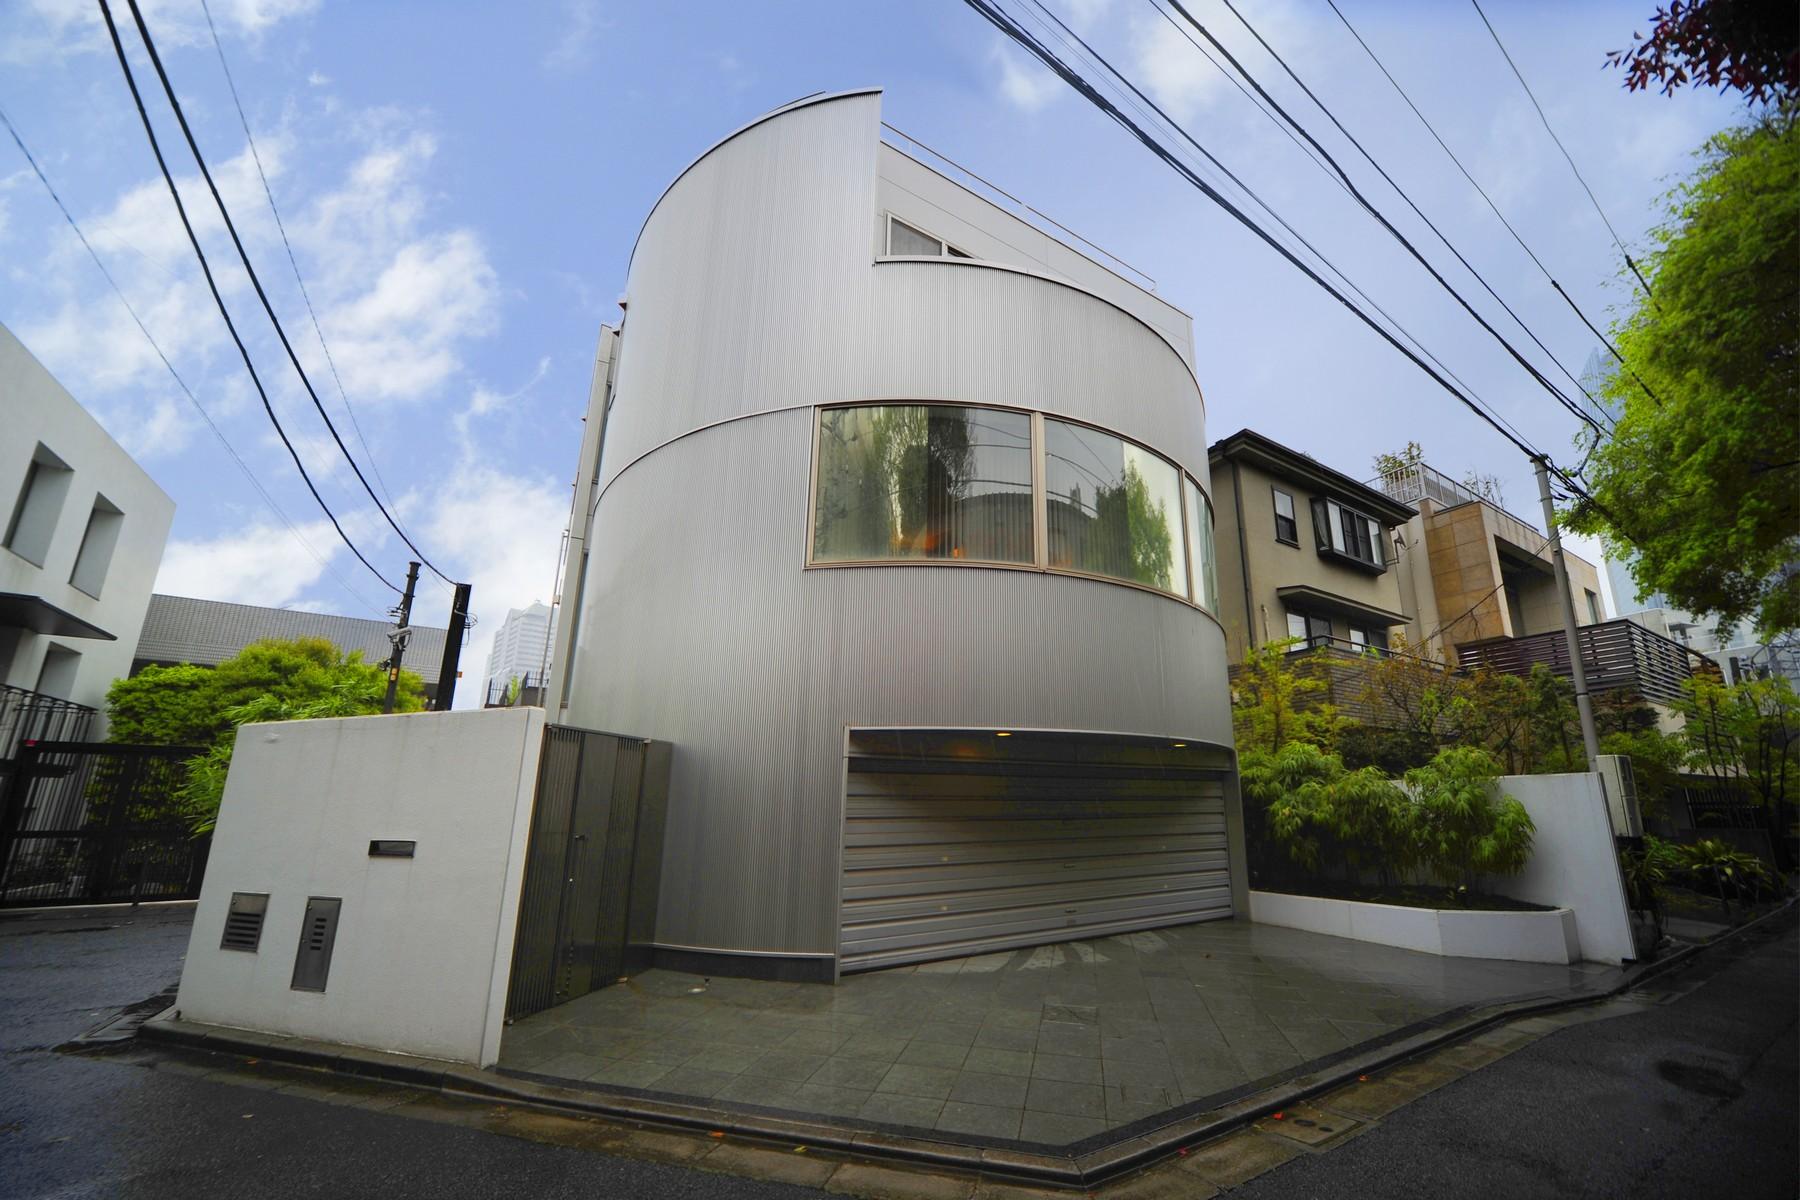 Căn hộ vì Bán tại Akasaka Residence Minato-Ku, Tokyo Nhật Bản